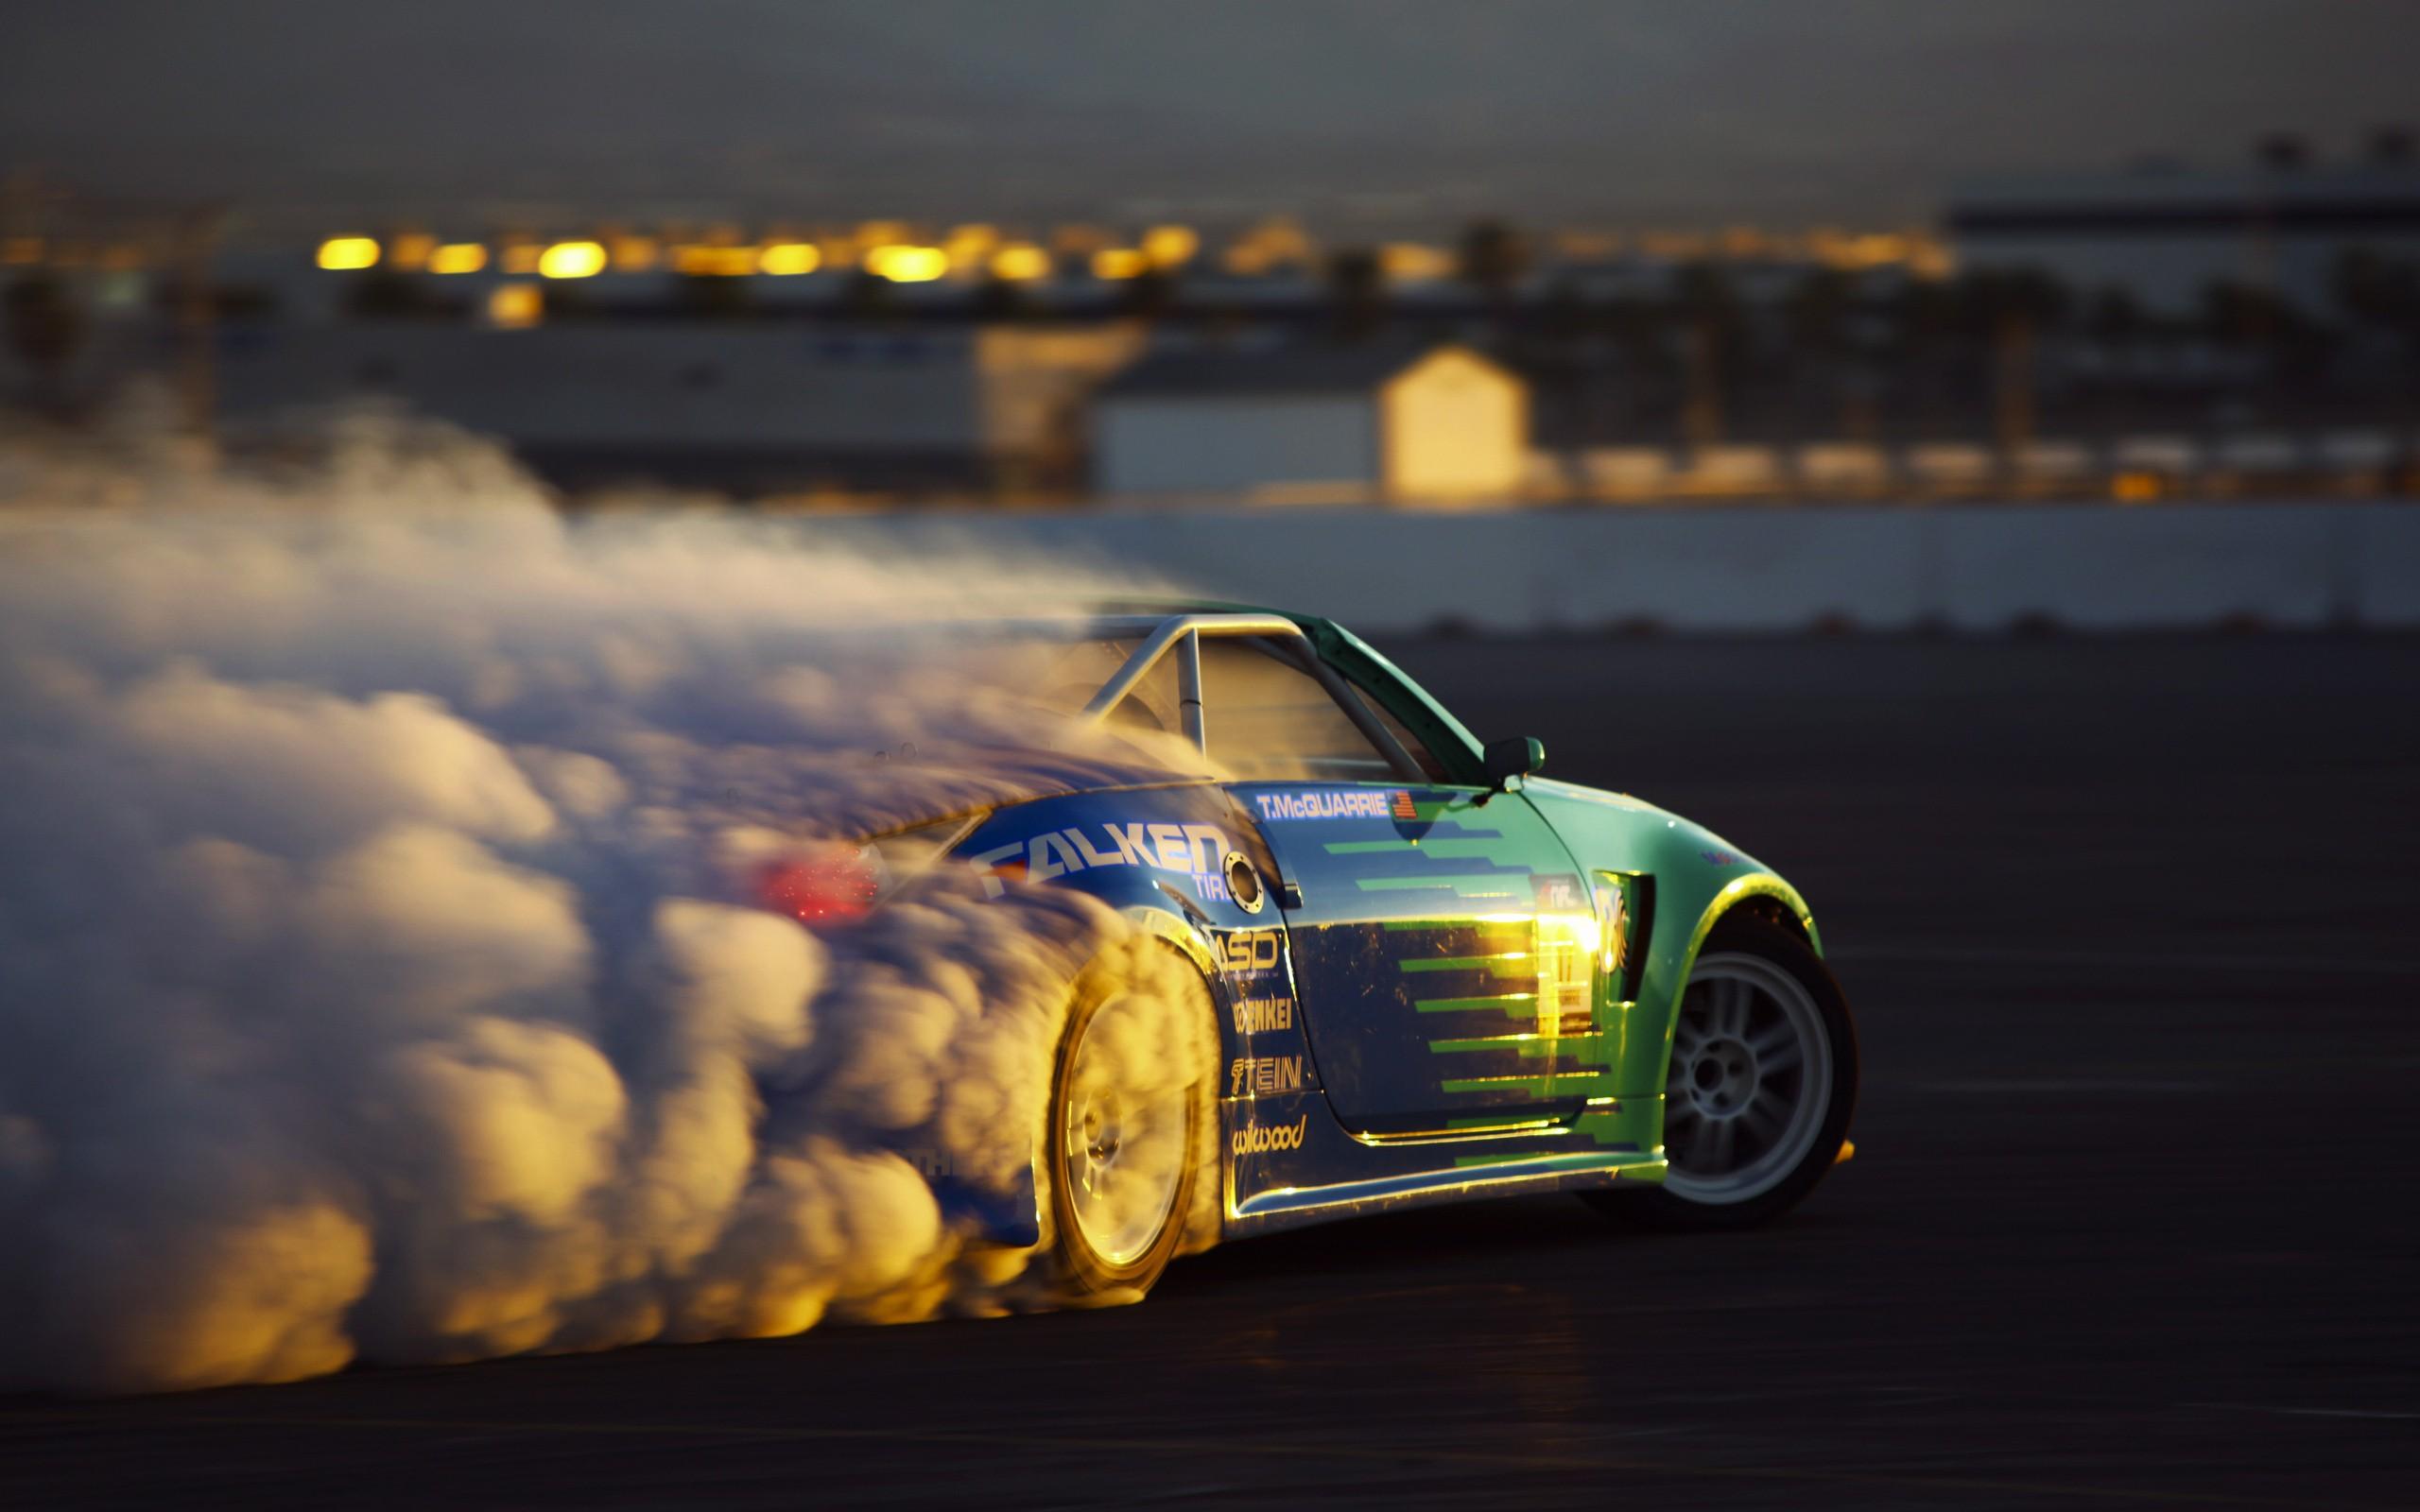 Top Car Drift Racing Wallpaper Desktop Wallpaper WallpaperLepi 2560x1600